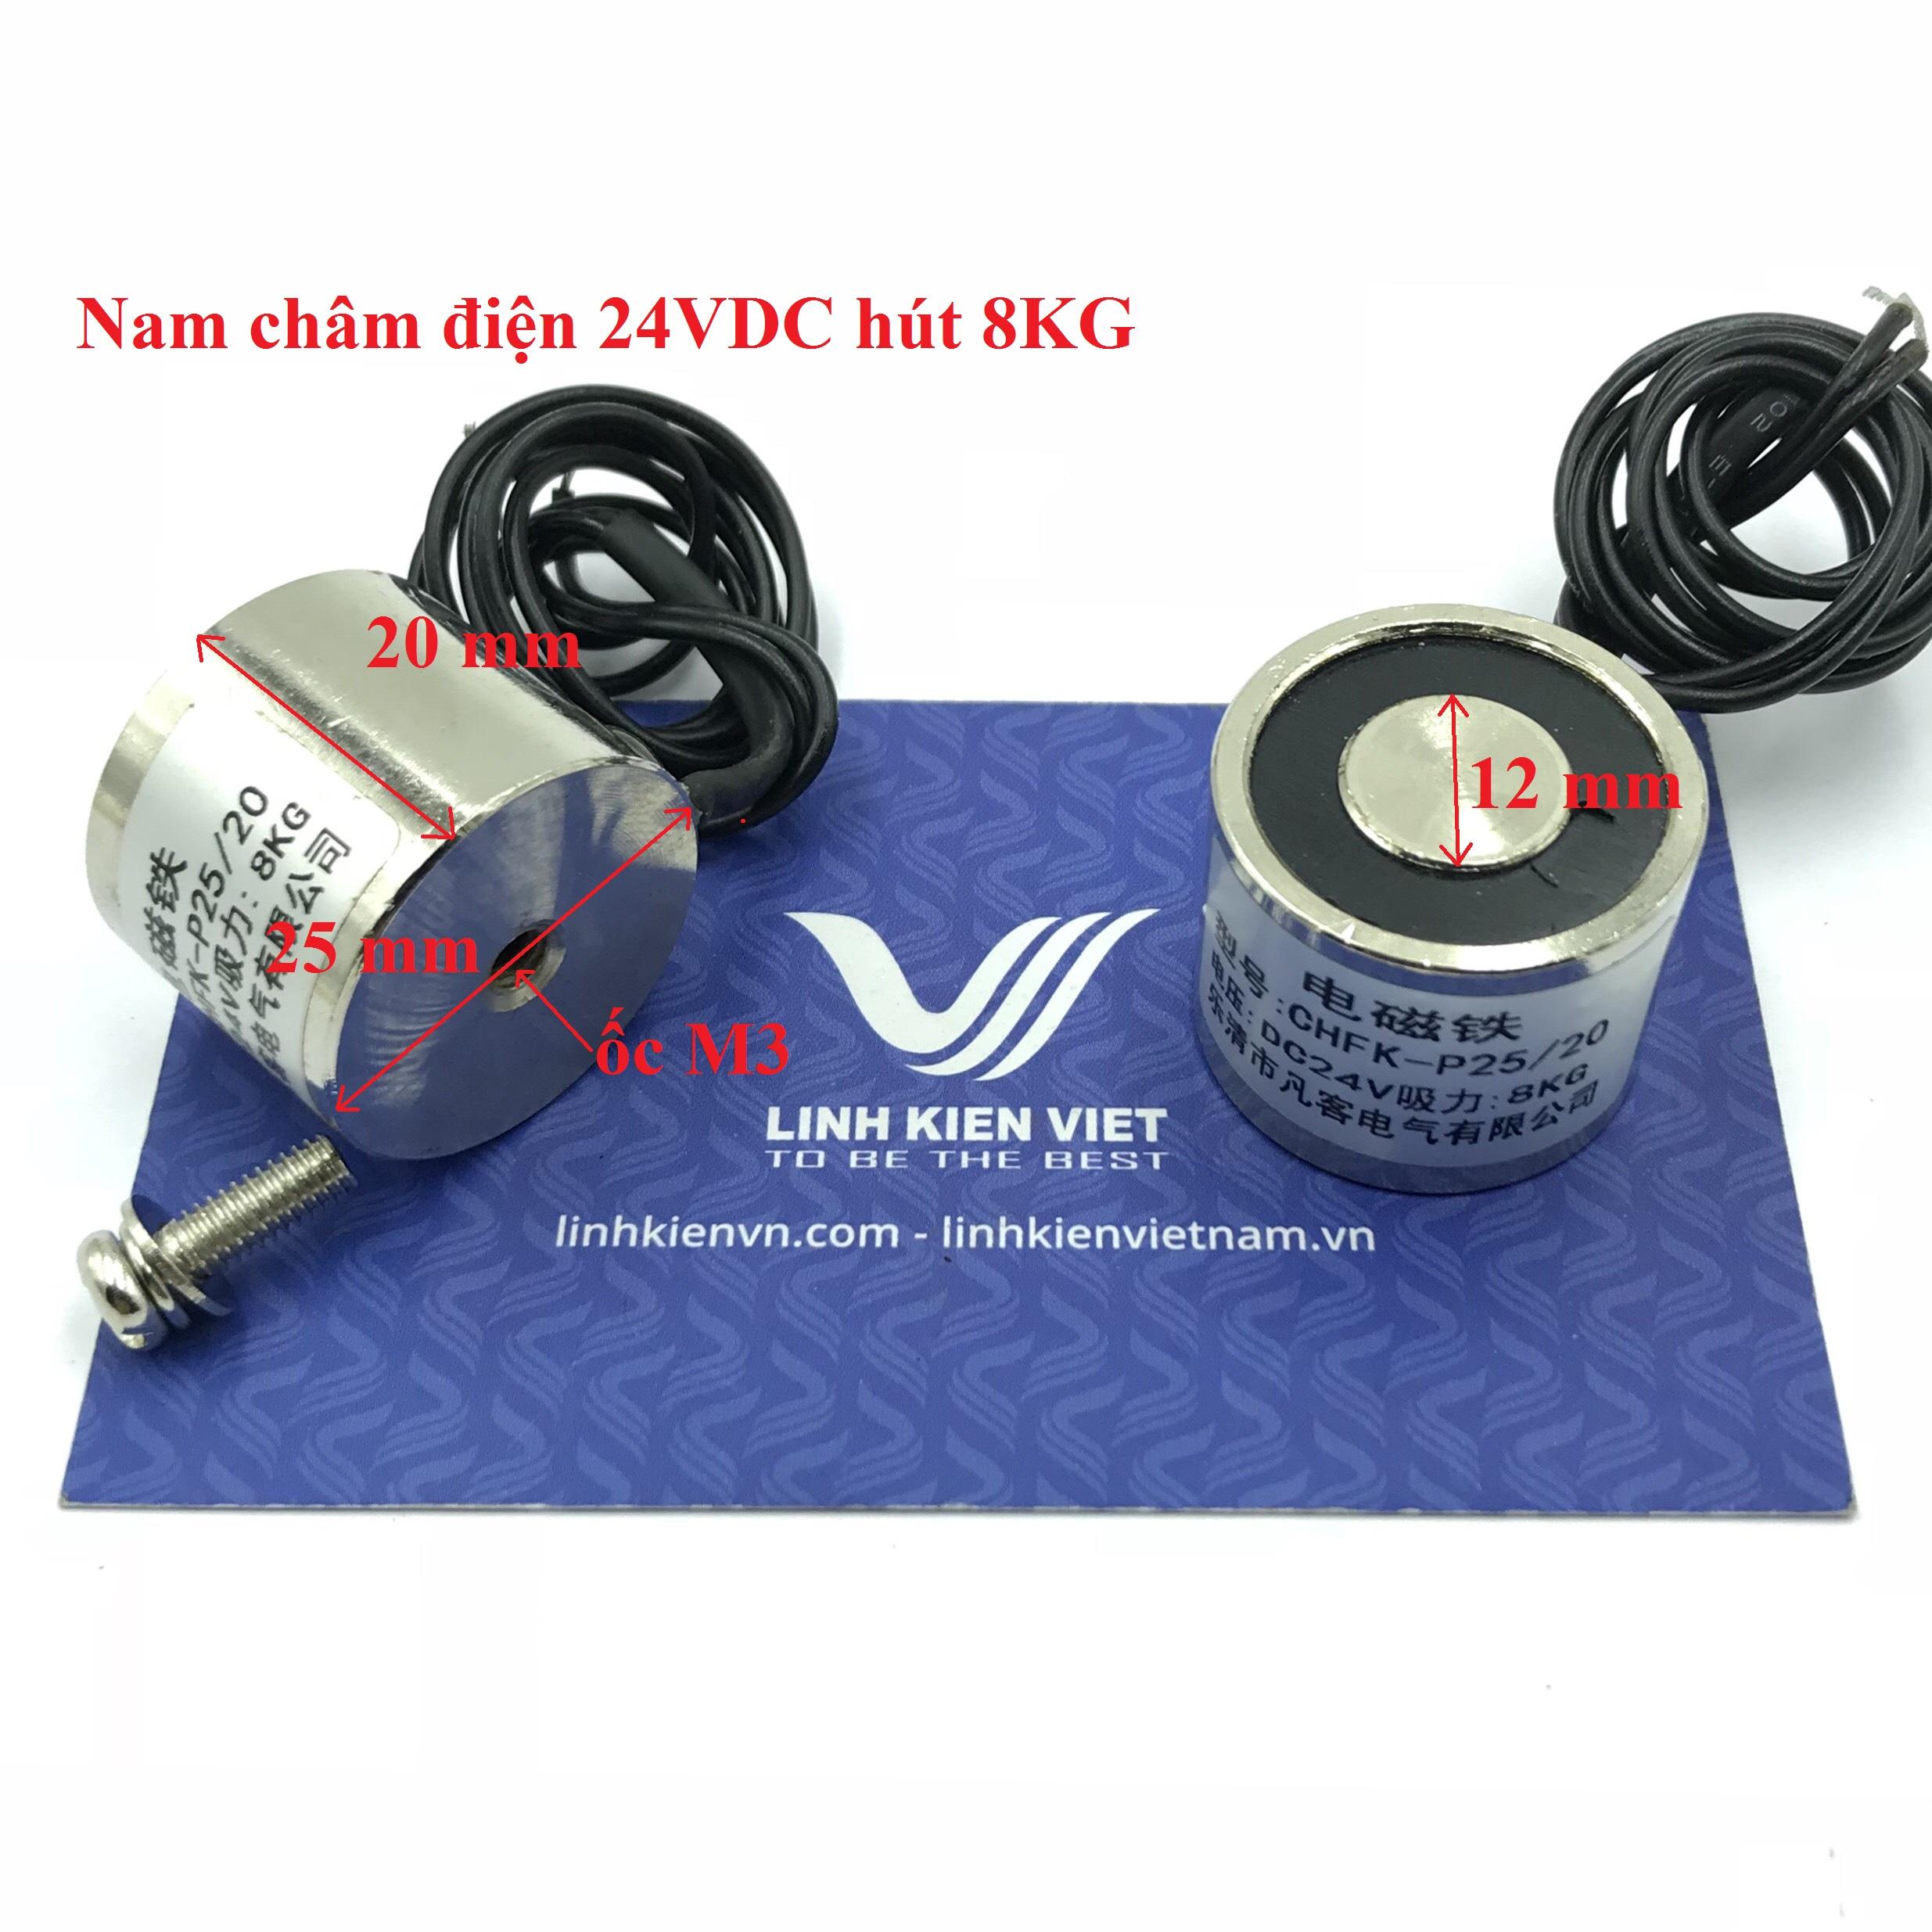 Nam châm điện P25/20 hút 8KG 24VDC - X5H11